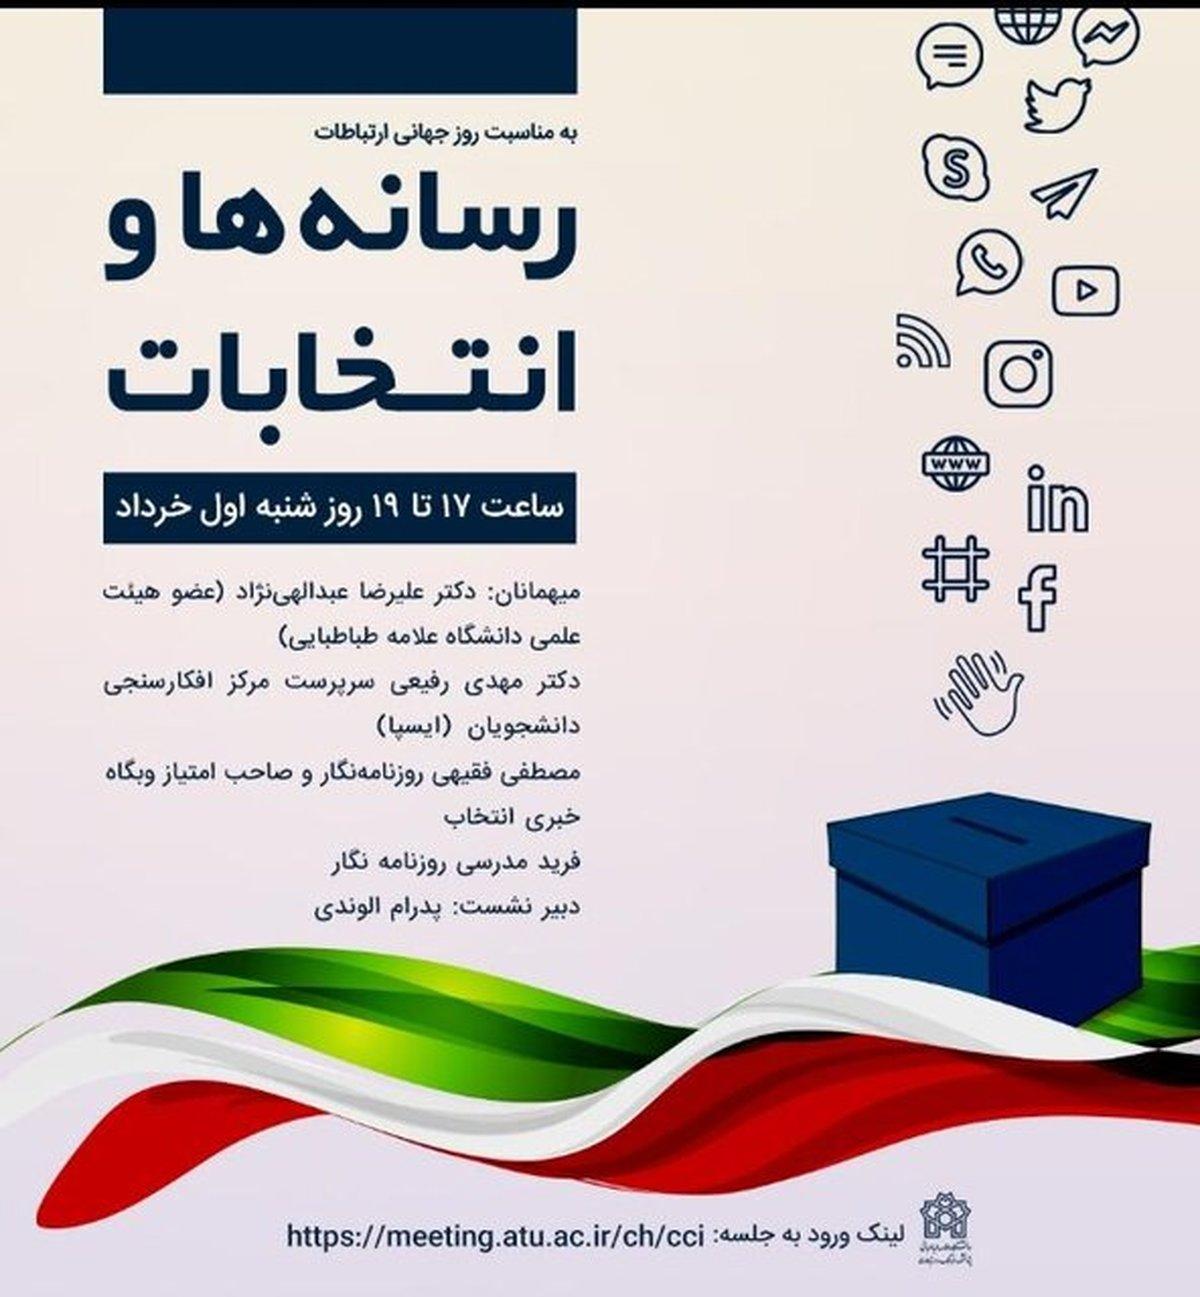 نشست «رسانهها و انتخابات» برگزار میشود